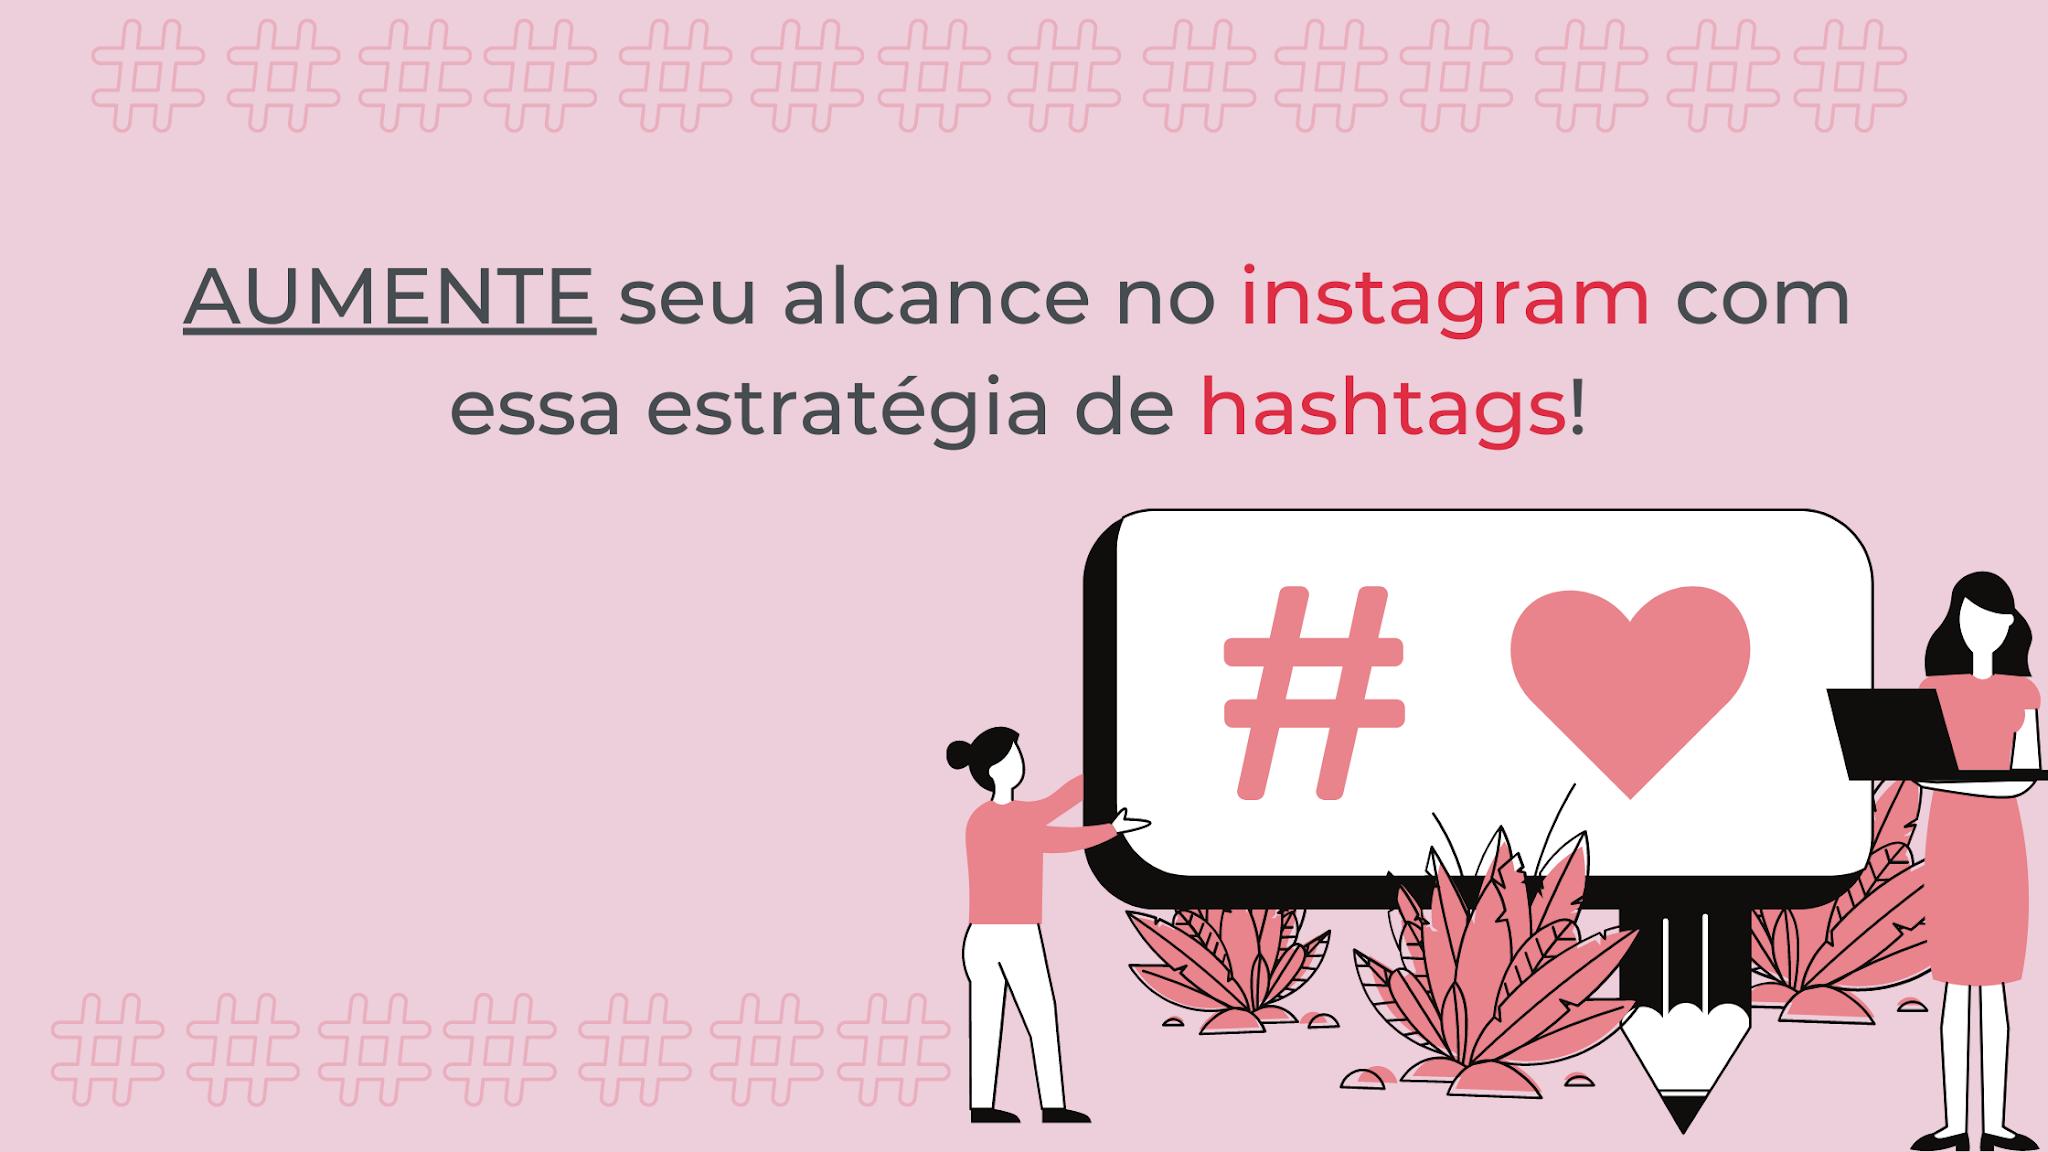 Aumente seu engajamento no instagram com as hashtags